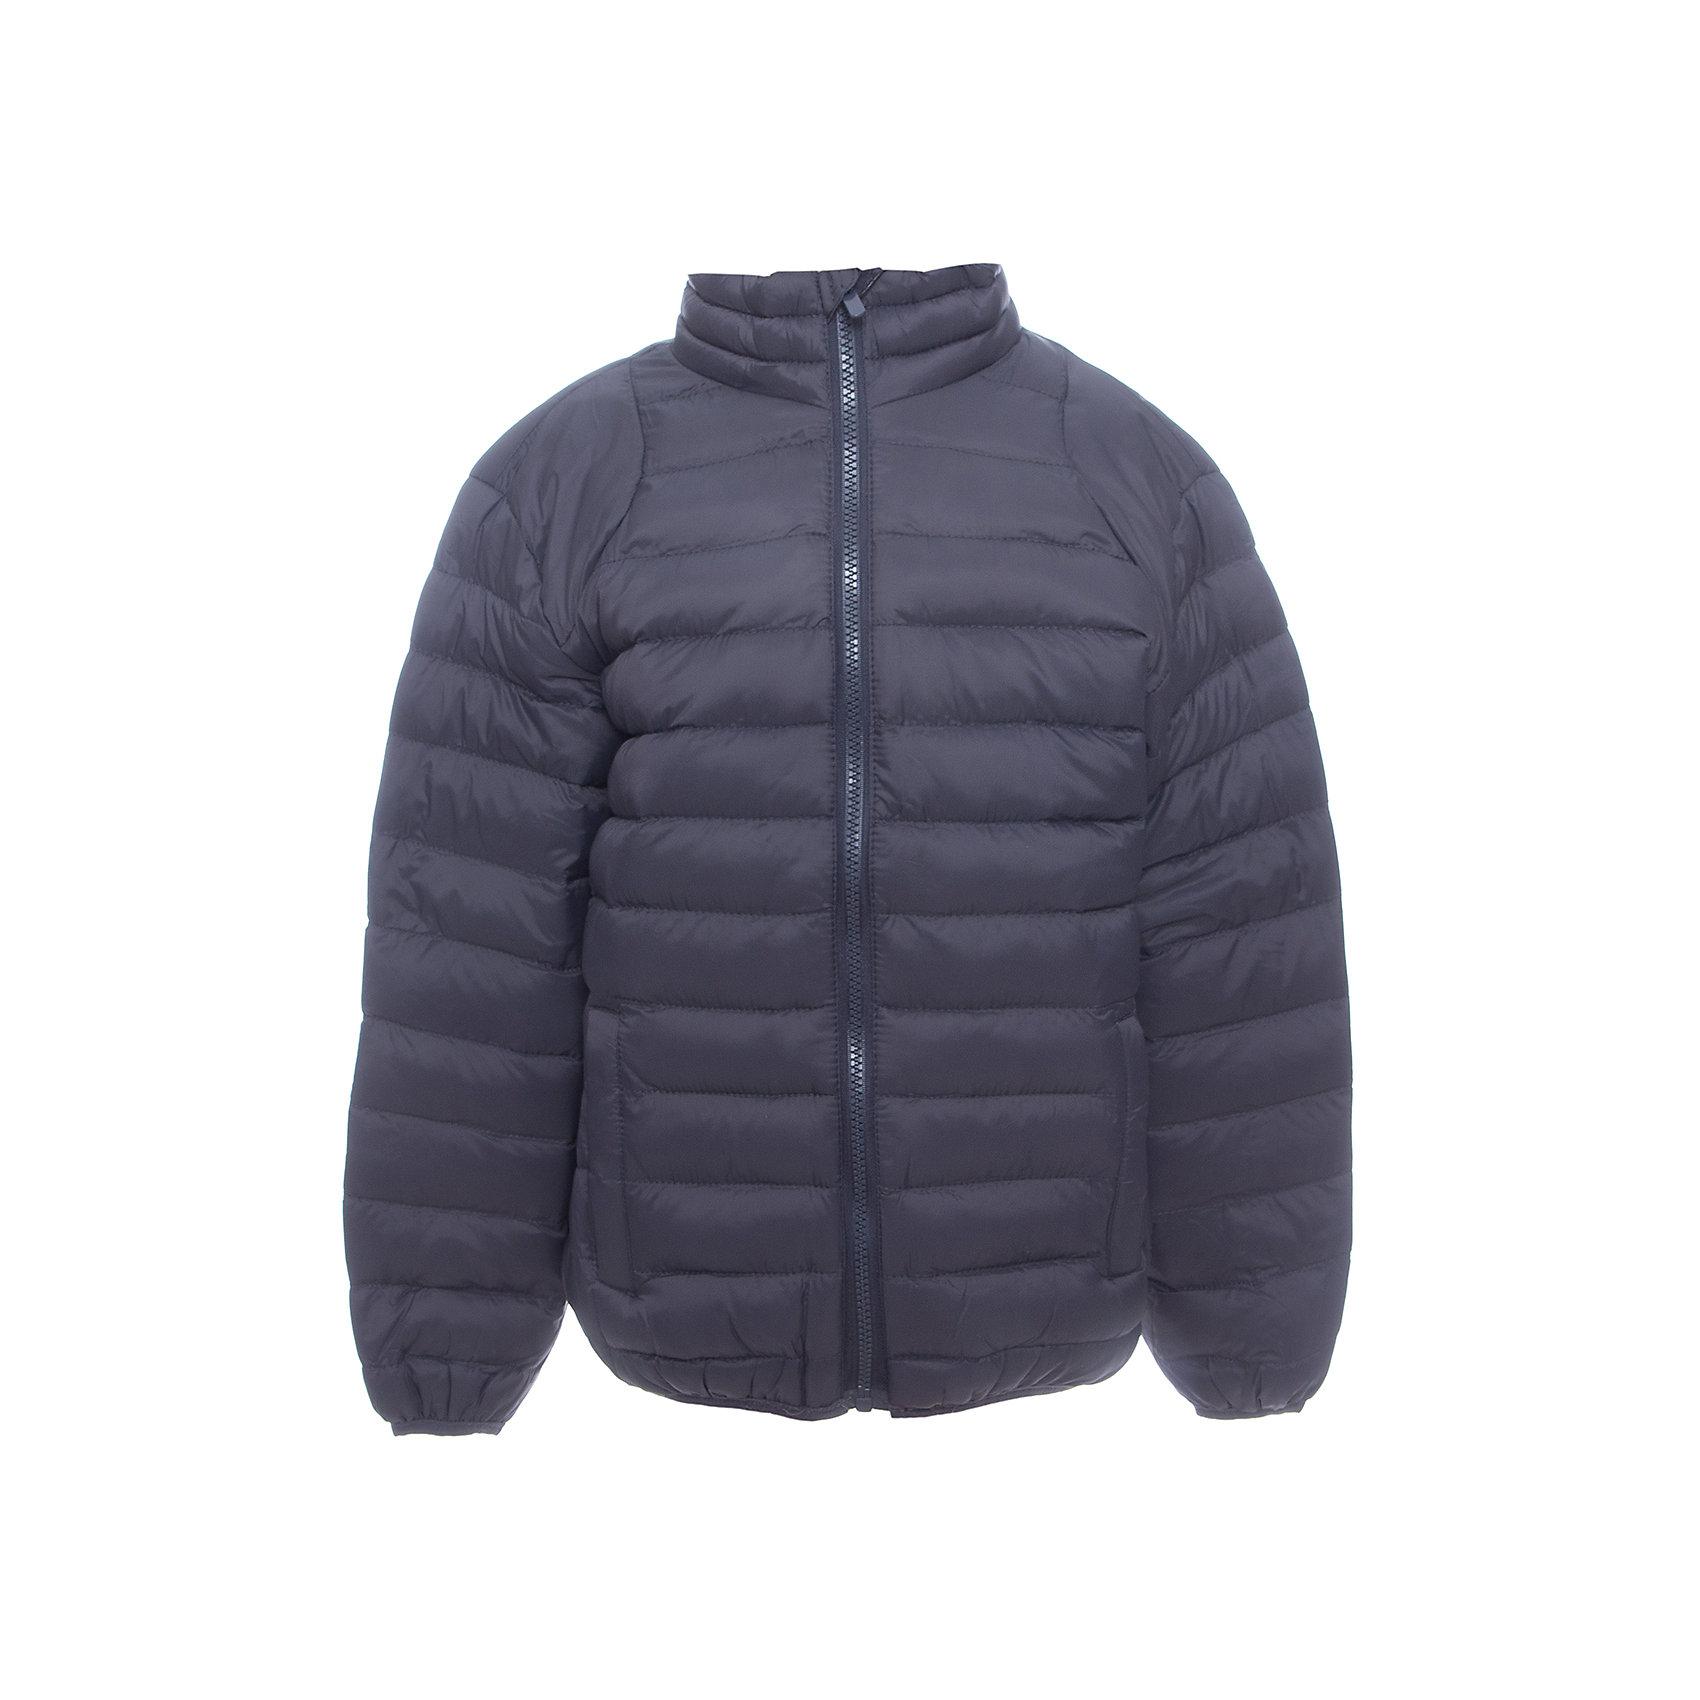 Куртка для мальчика LuminosoСтеганая куртка с воротником-стойкой для мальчика. Два прорезных карманами. Края рукавов и край низа куртки оформлены окантовочной резинкой.<br>Состав:<br>Верх: 100%нейлон.  Подкладка: 100%полиэстер. Наполнитель: 100%полиэстер<br><br>Ширина мм: 356<br>Глубина мм: 10<br>Высота мм: 245<br>Вес г: 519<br>Цвет: синий<br>Возраст от месяцев: 132<br>Возраст до месяцев: 144<br>Пол: Мужской<br>Возраст: Детский<br>Размер: 152,158,164,134,140,146<br>SKU: 5409587